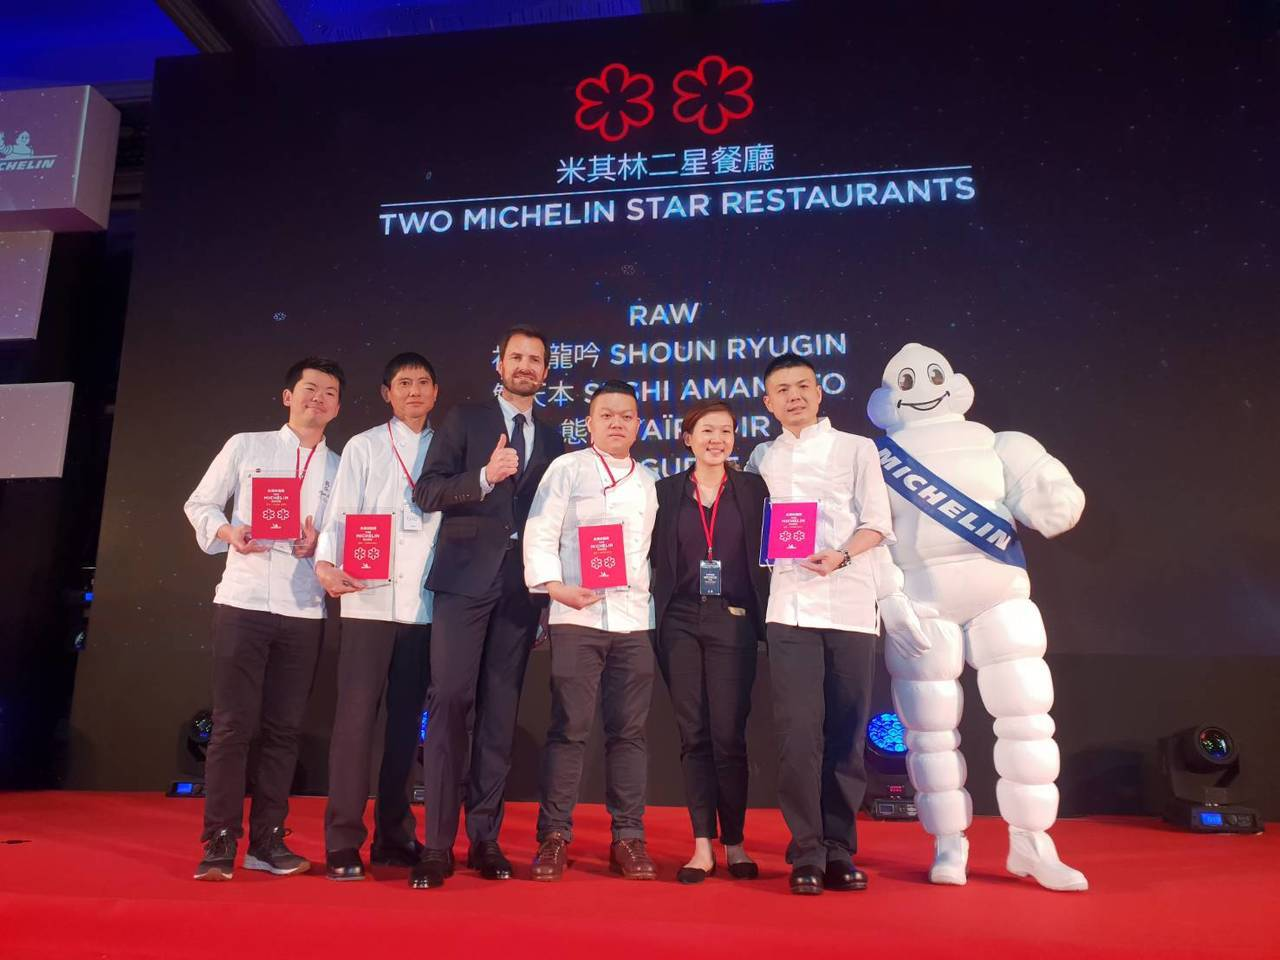 台北米其林2019二星餐廳合照。圖/聯合報